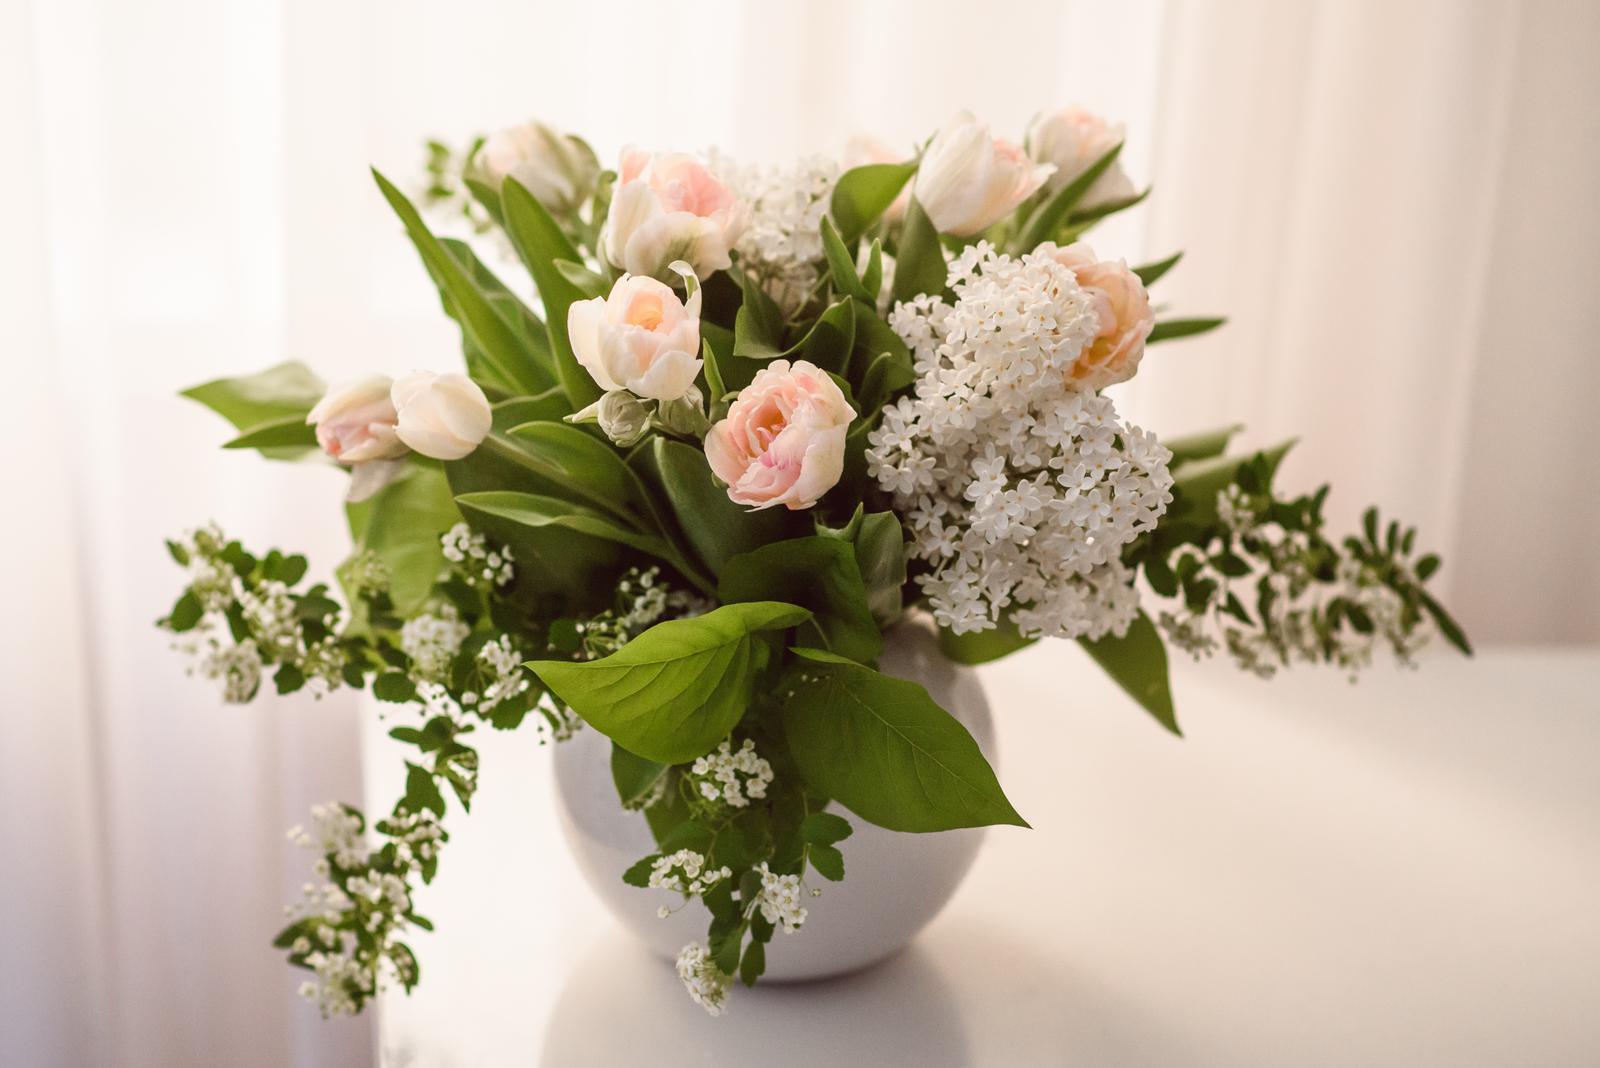 Moje kvetinové aranžmány - Plnokvete tulipany, orgovan a tavolnik